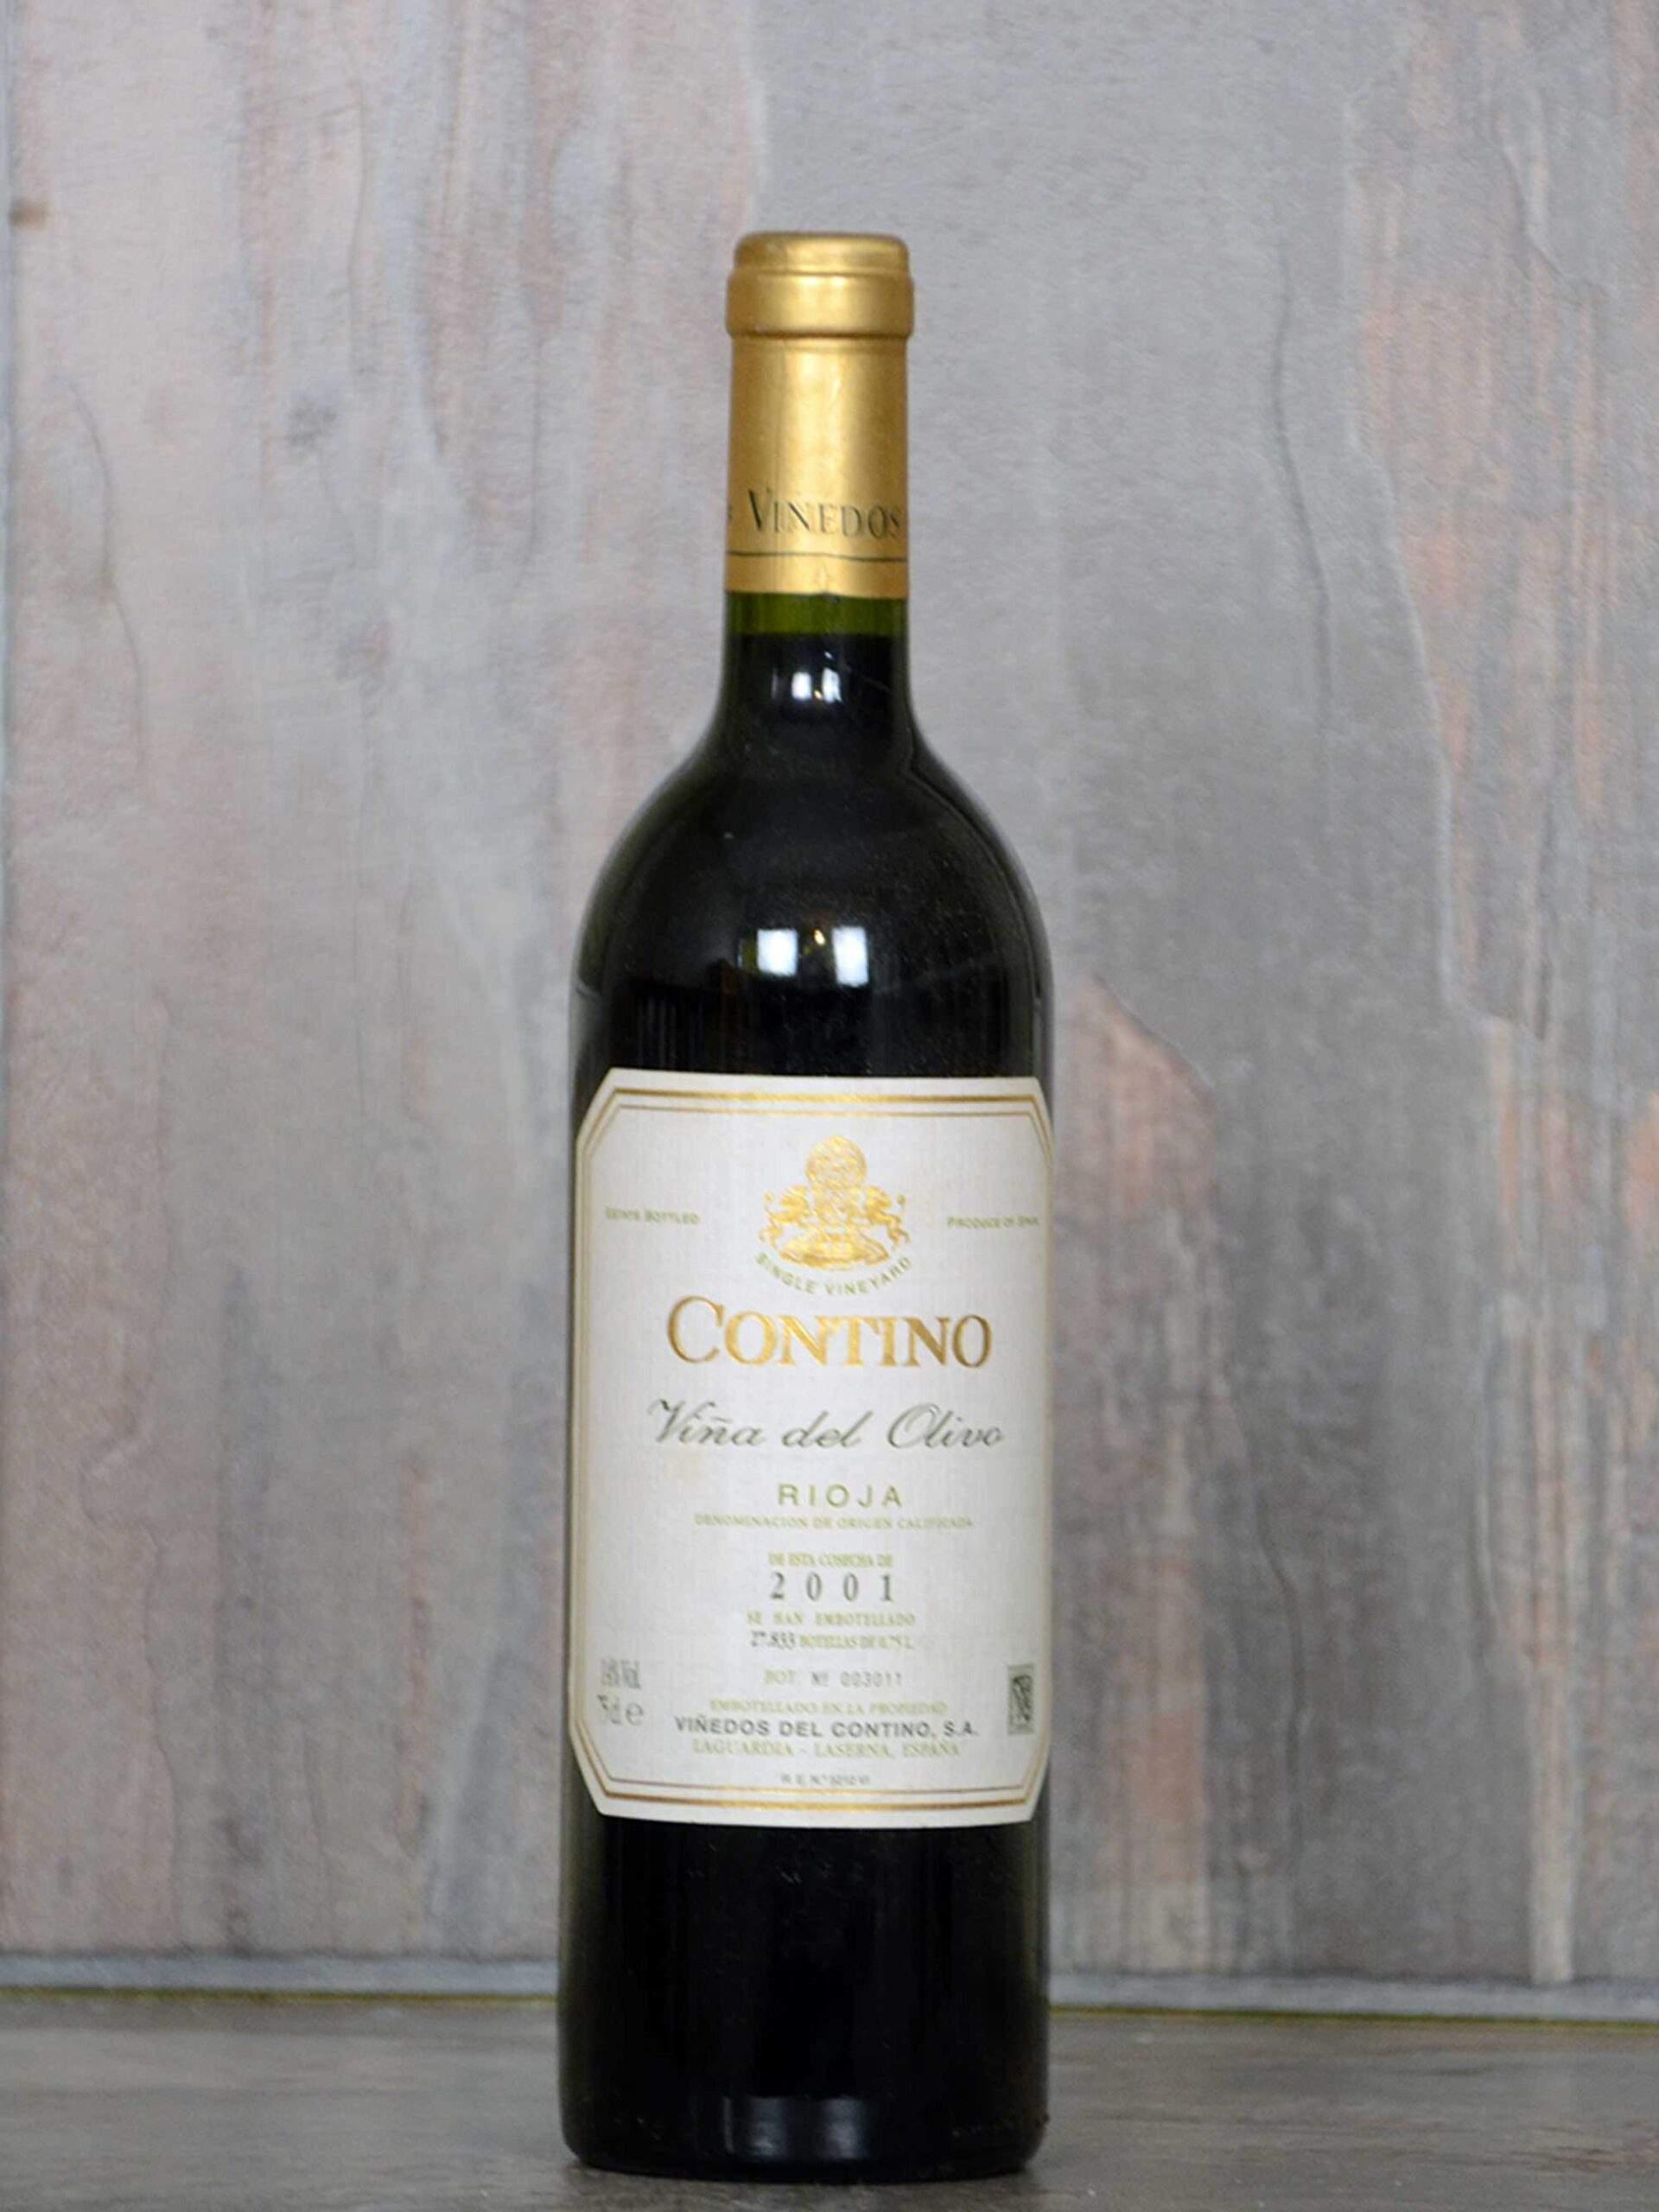 Contino Viña del olivo 2001